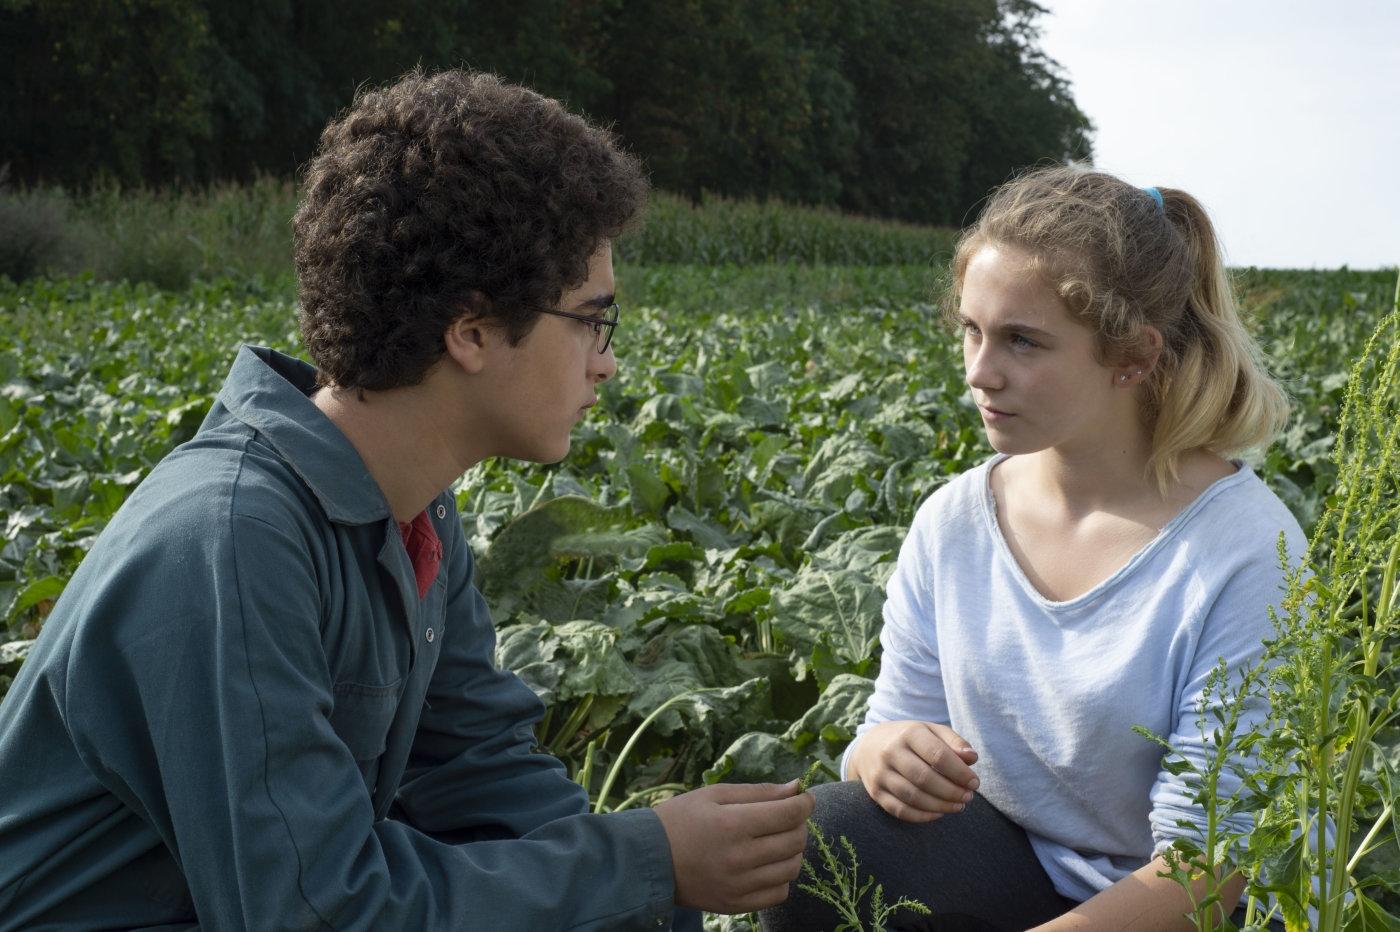 L'età giovane, il nuovo film dei fratelli Dardenne